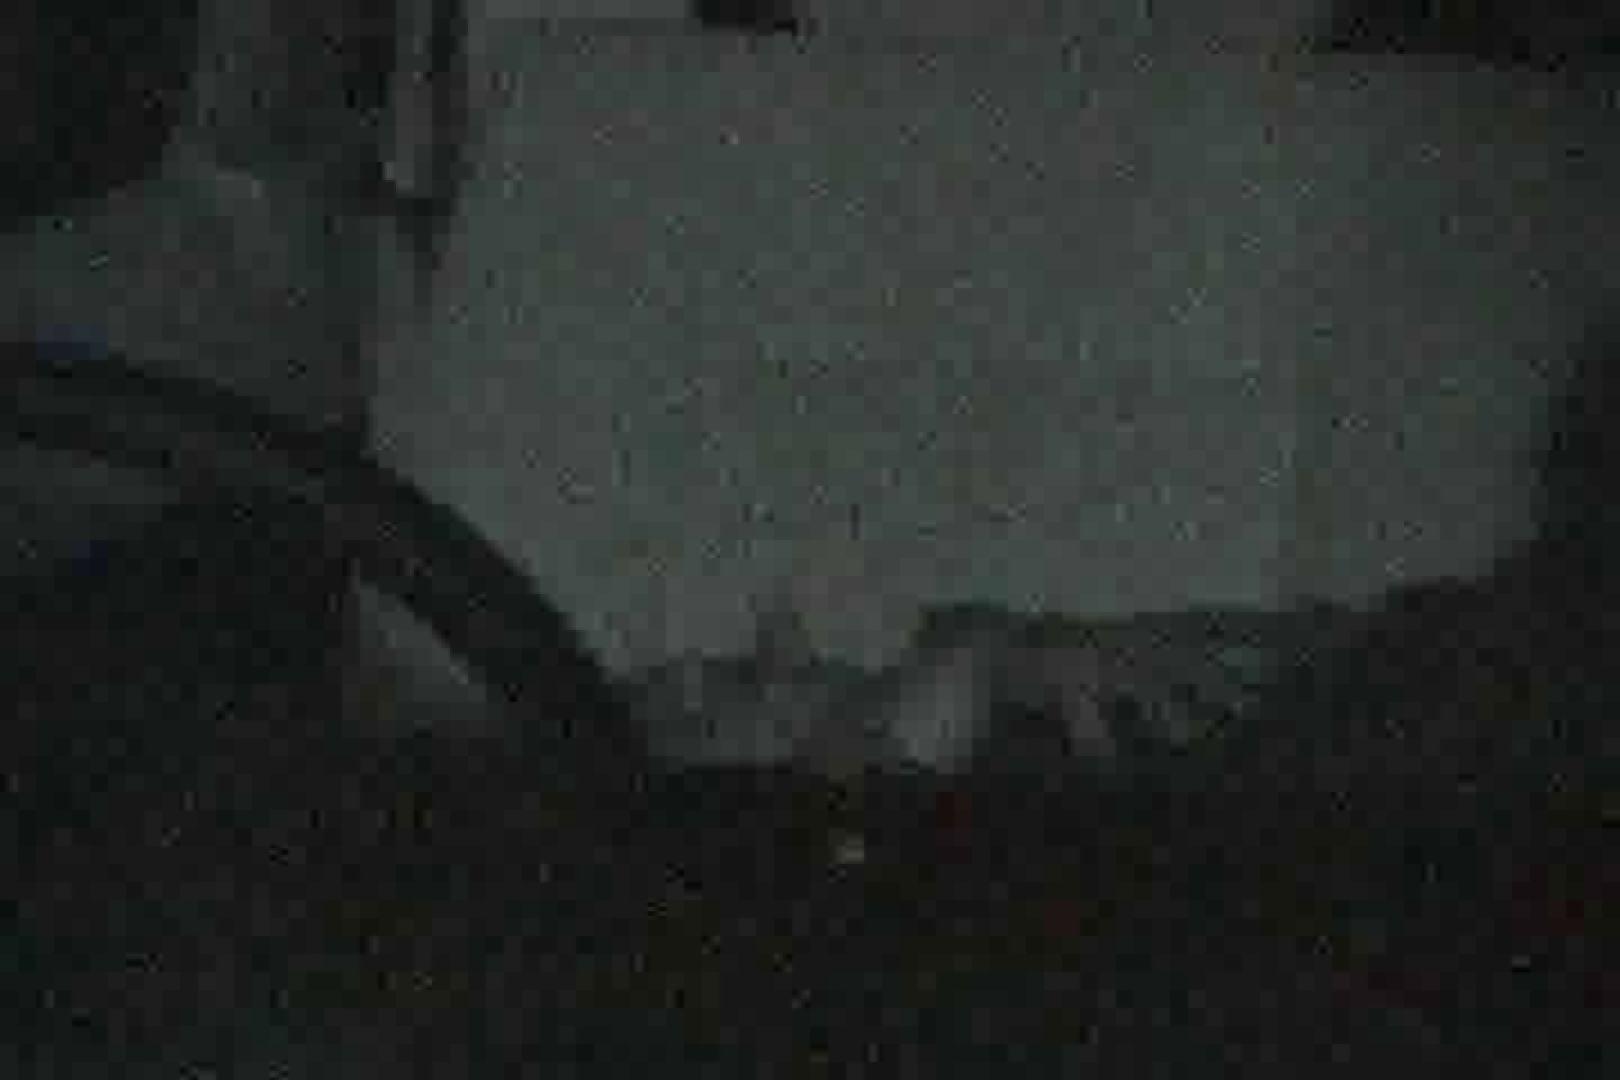 充血監督の深夜の運動会Vol.2 OLセックス  69画像 4